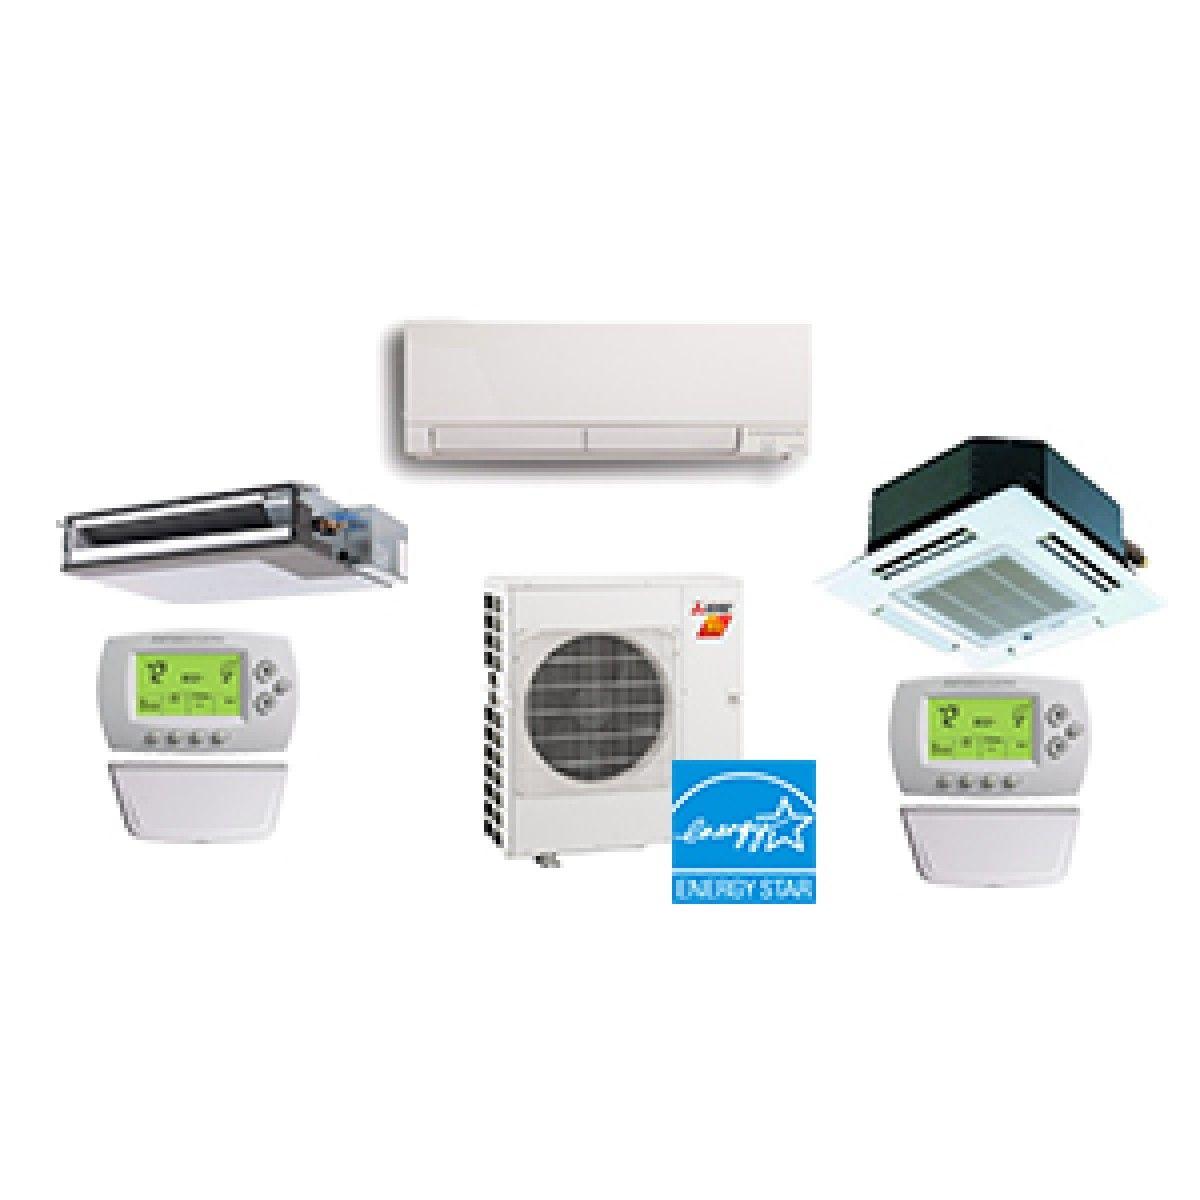 Mitsubishi 3 Zone 30K BTU Heat Pump Hyper Heat With up to Three Indoor Units